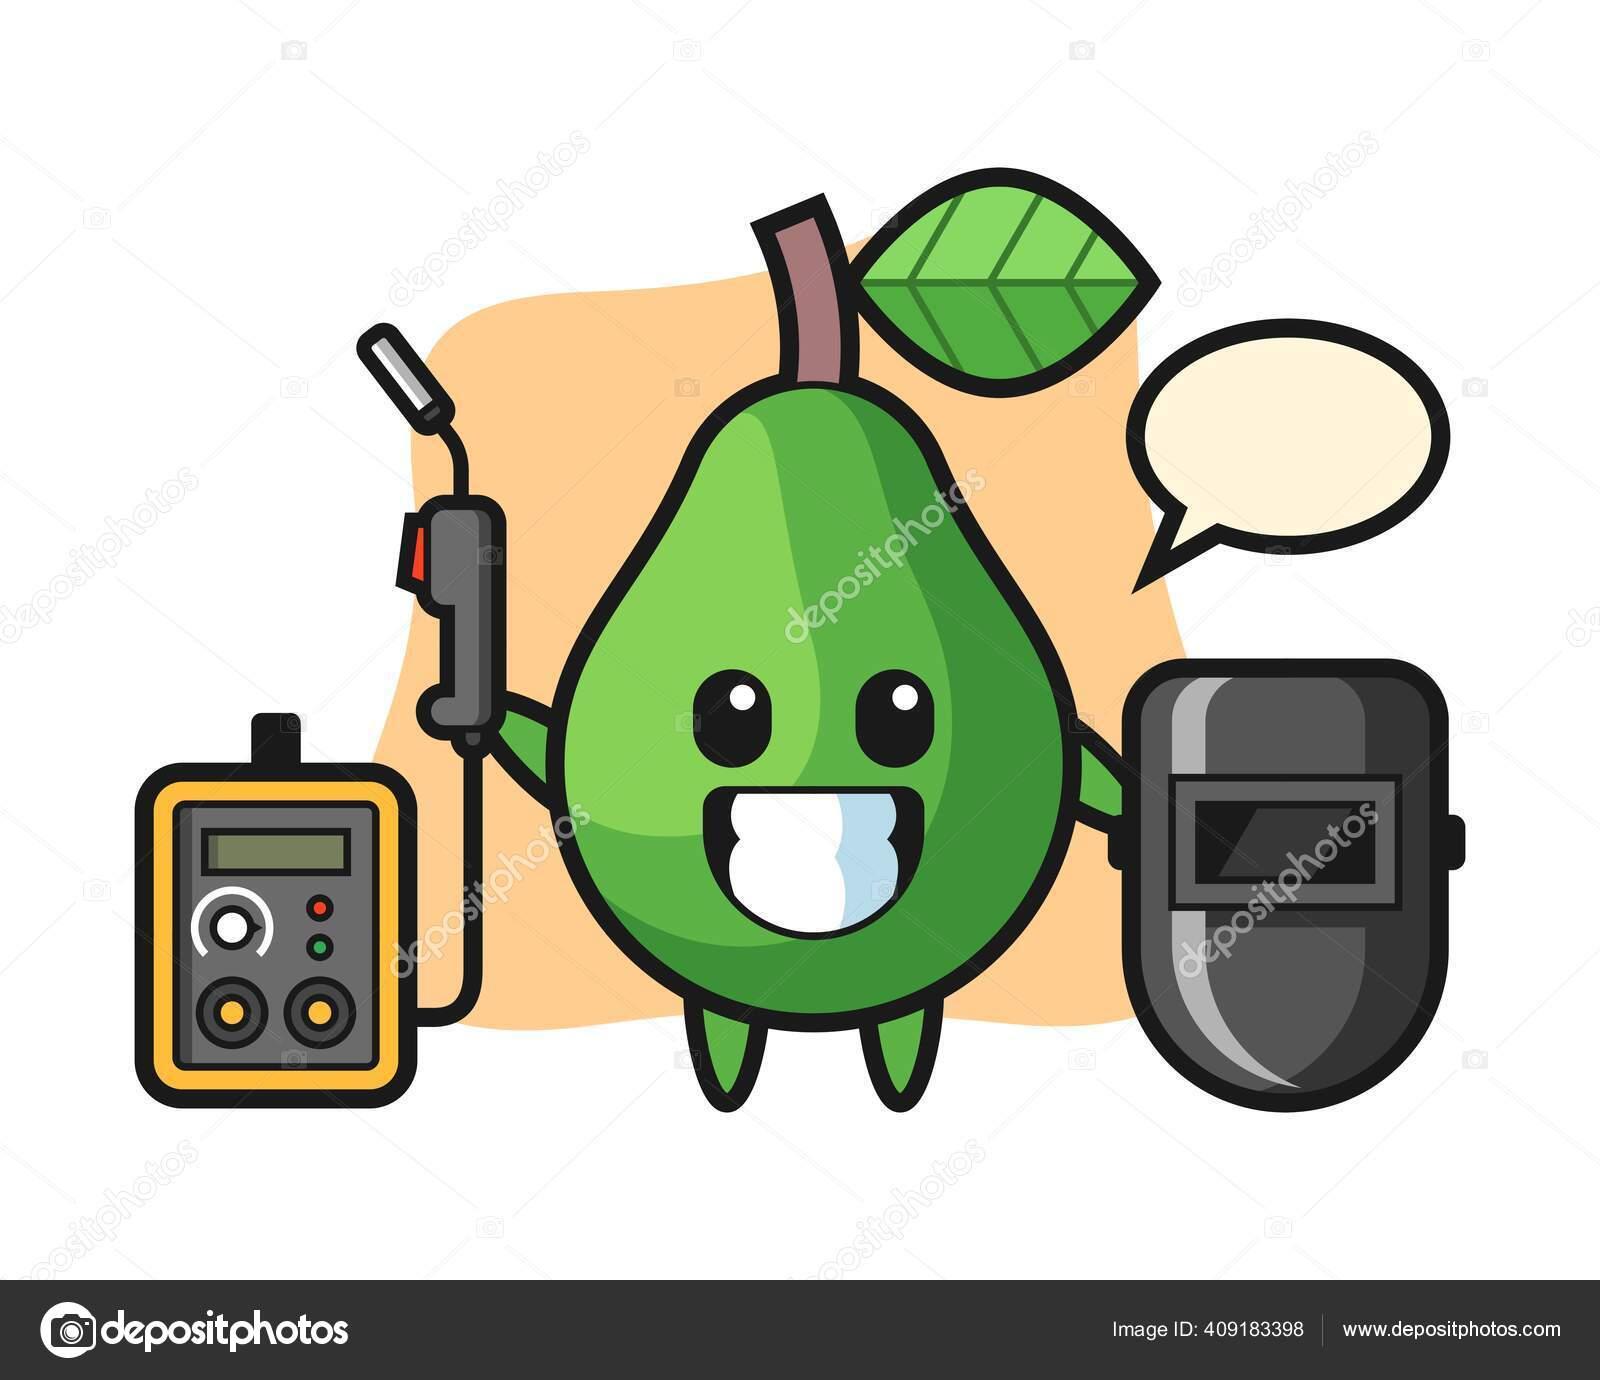 Character Mascot Avocado Welder Stok Vektor C Heriyusuf Rap Gmail Com 409183398